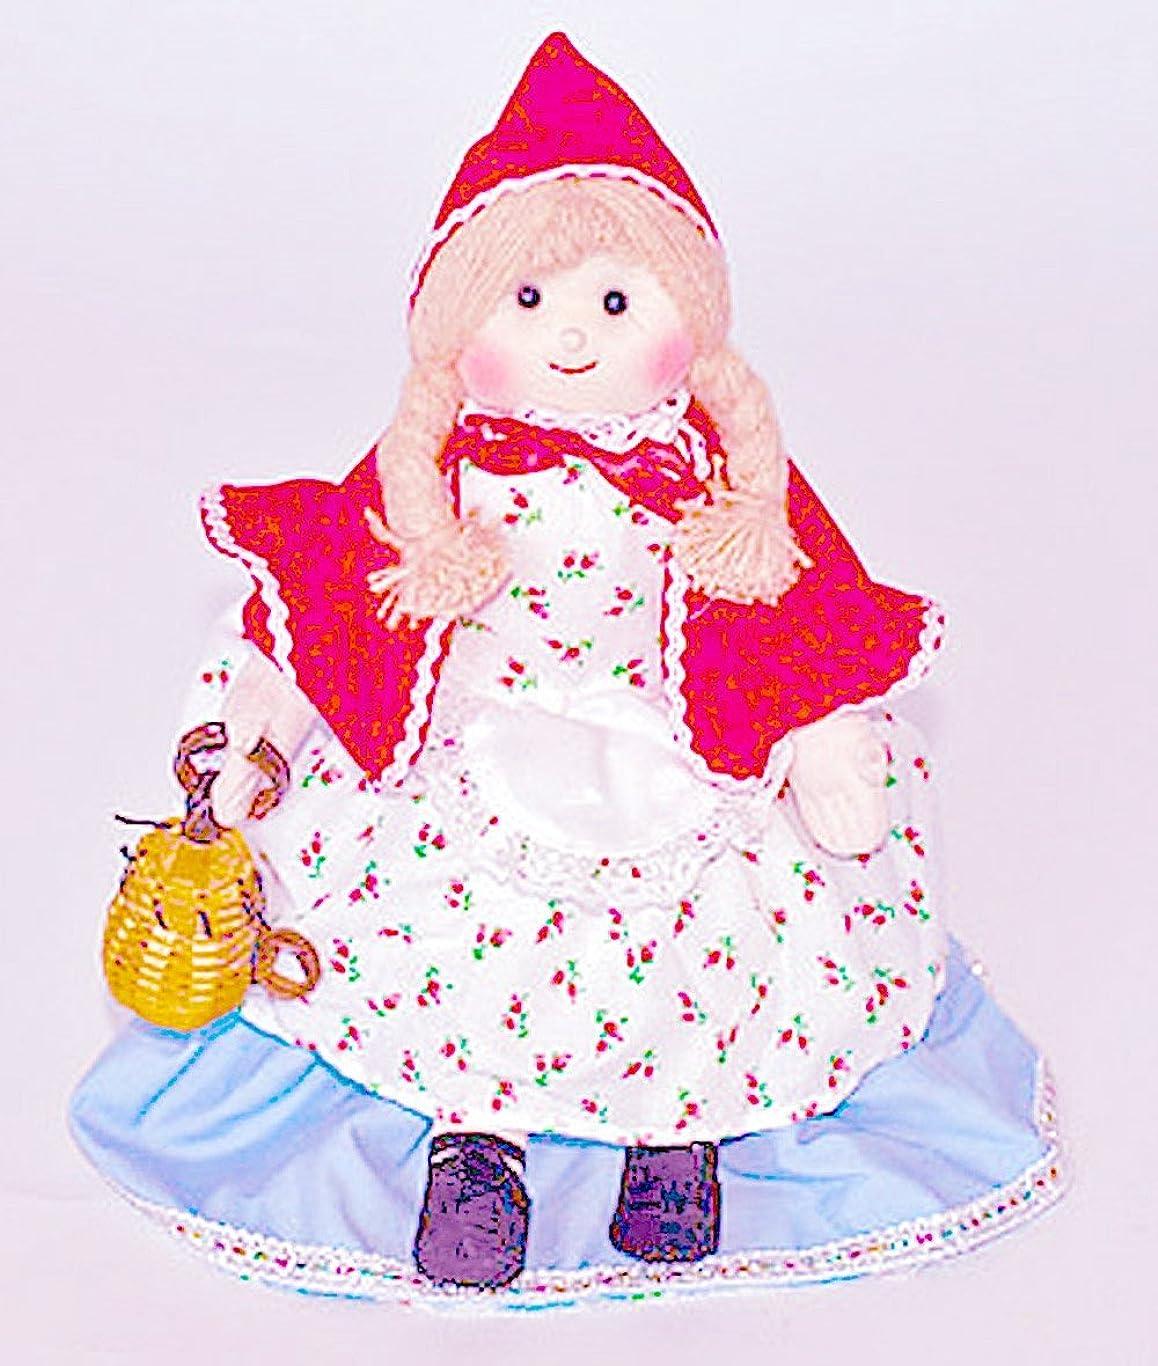 手錠寄稿者ダメージ布人形 変身人形 フリップオーバードール 赤ずきんちゃん/バスケット付き 変身人形 お話の世界